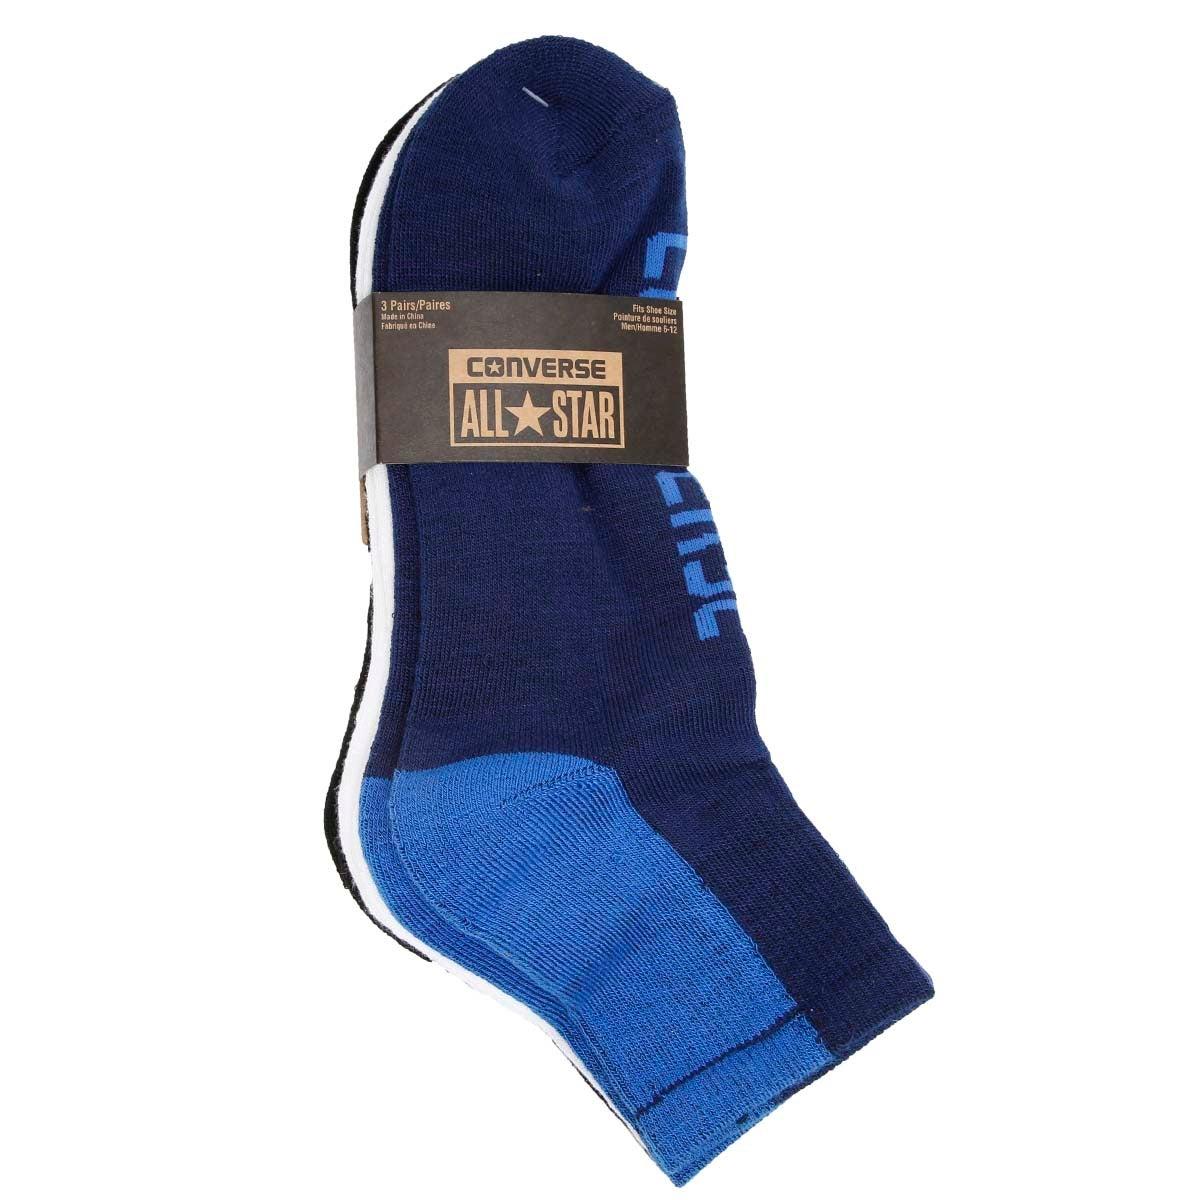 Mns Converse nvy/wht/blk 1/4 sock - 3pk